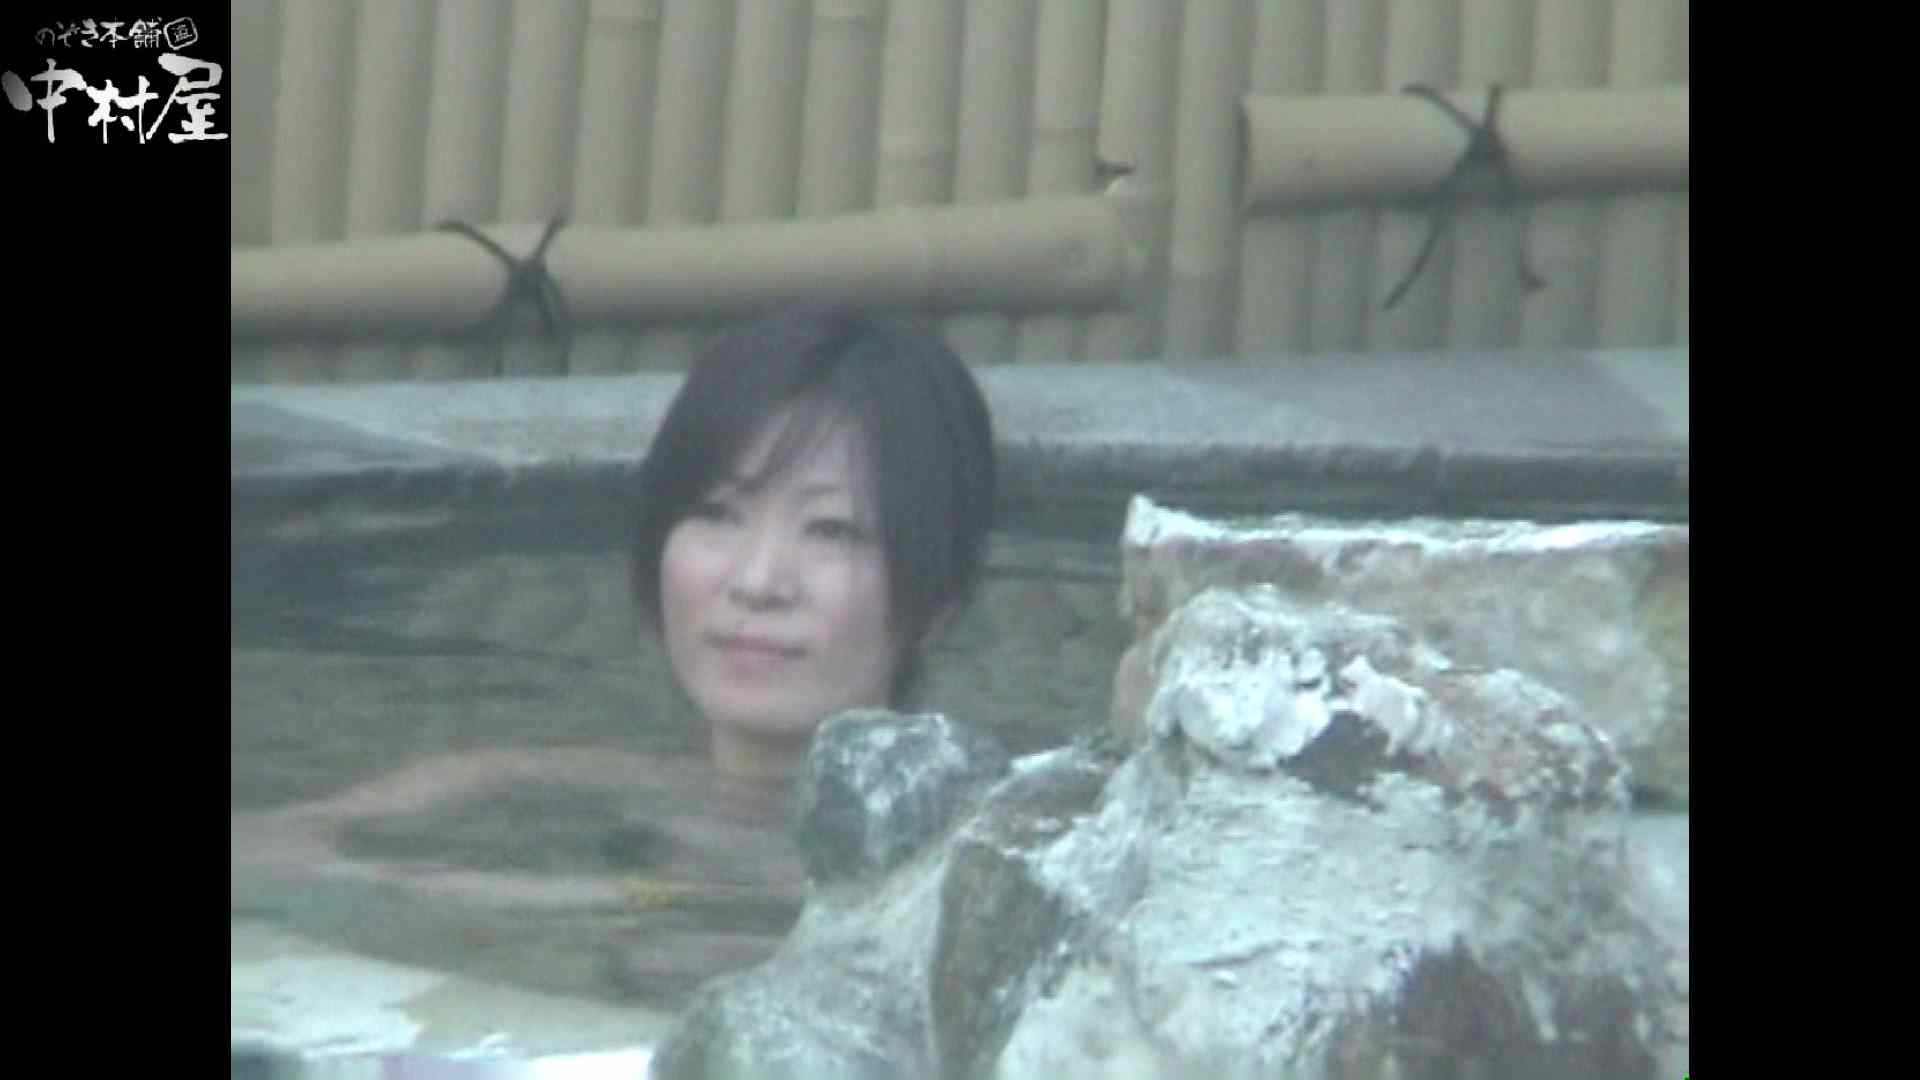 Aquaな露天風呂Vol.972 OLのエロ生活   盗撮  105連発 4